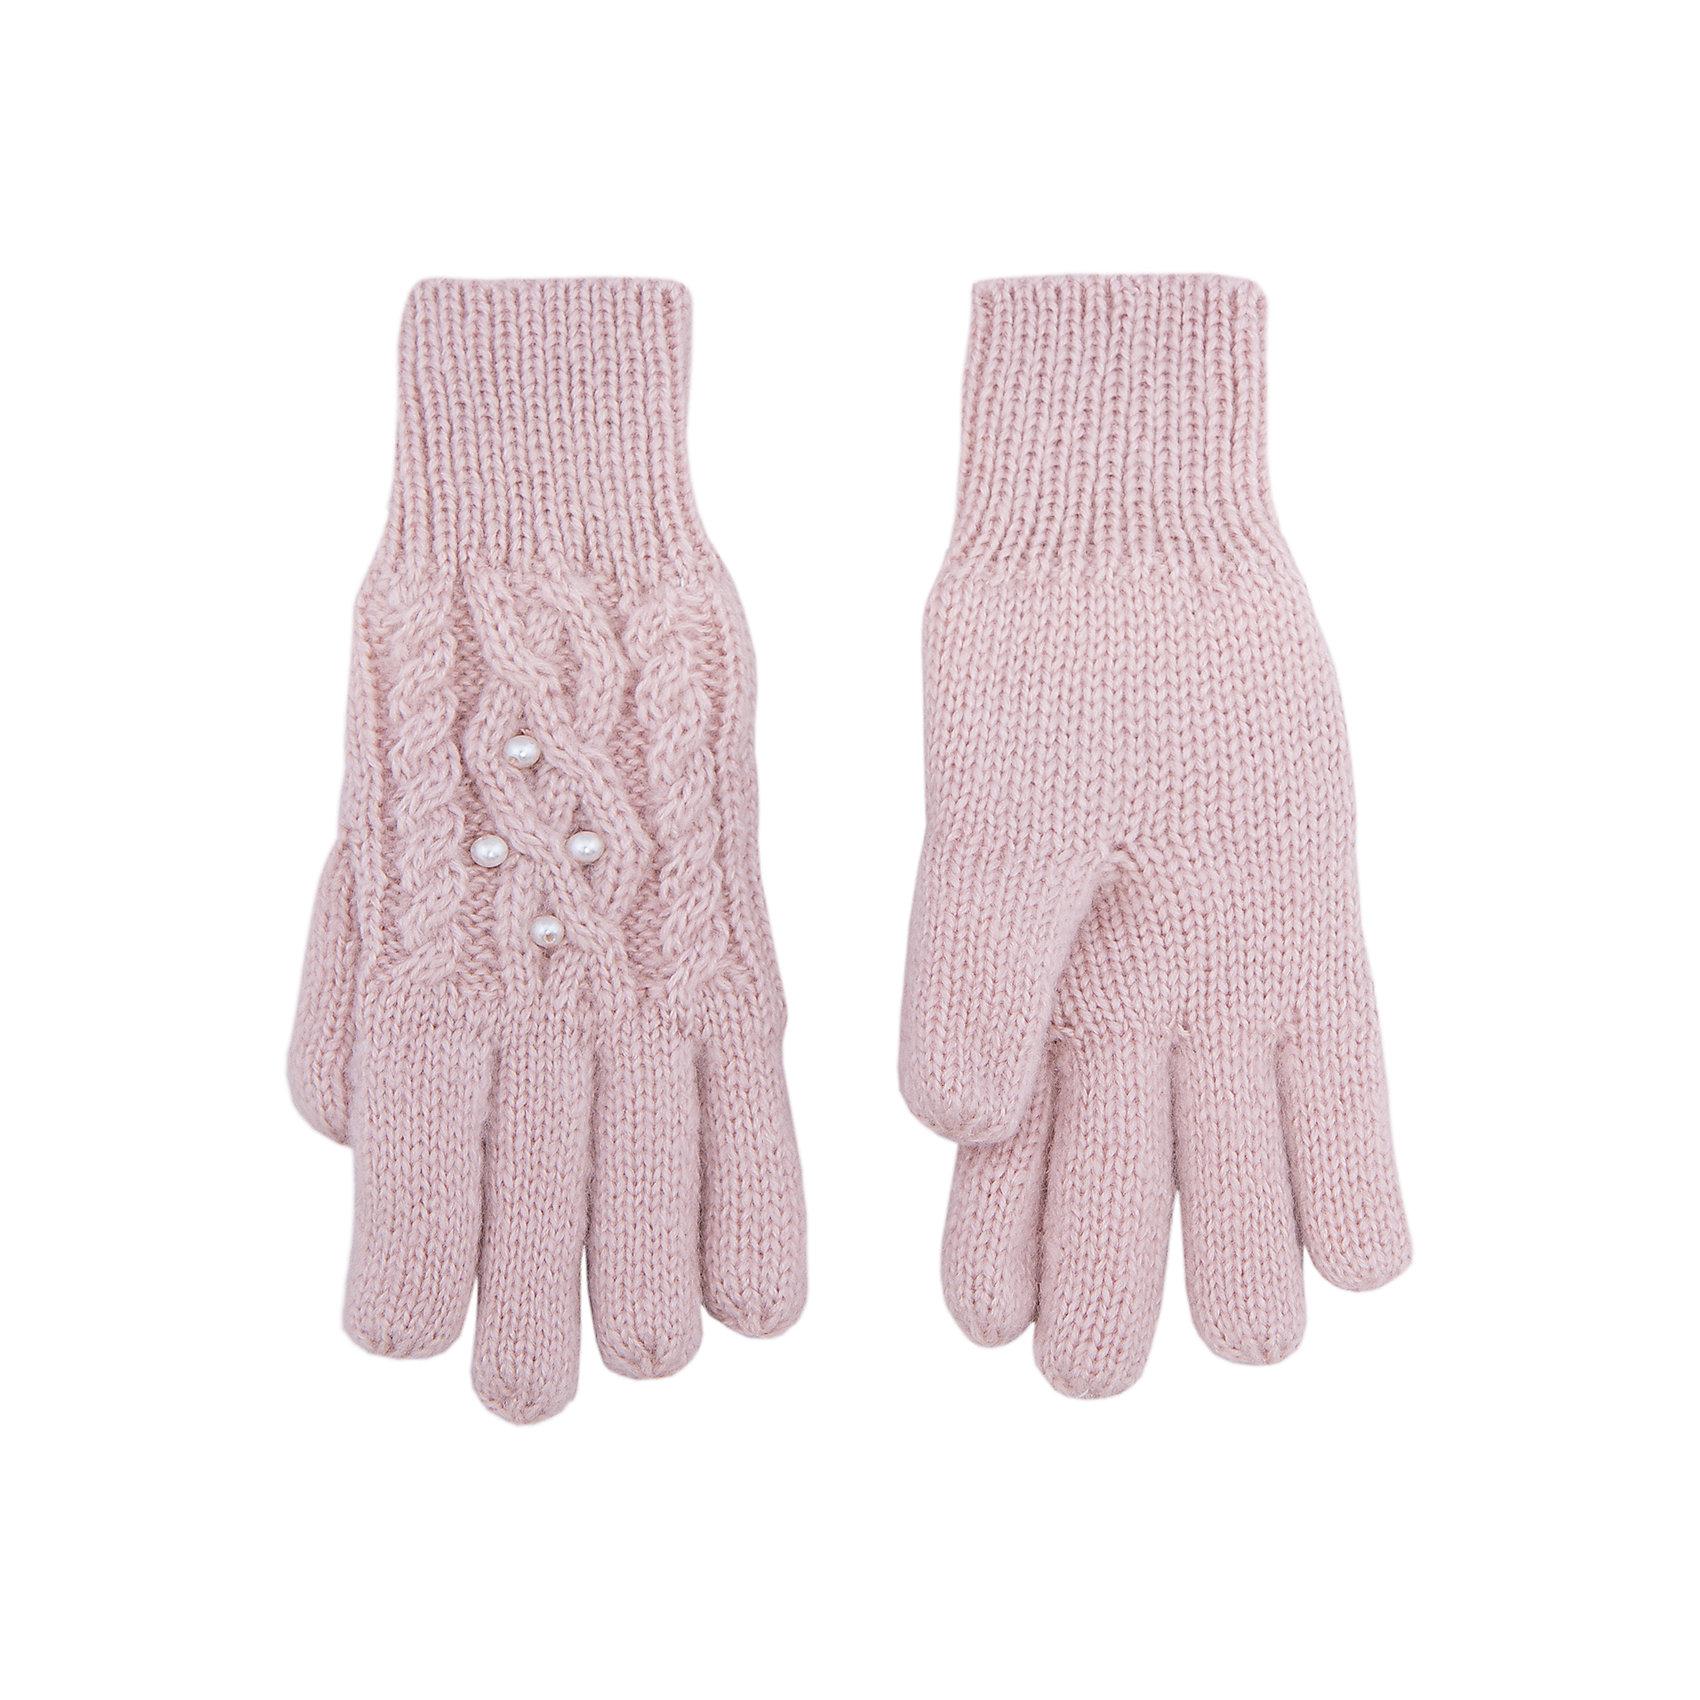 Перчатки для девочки SELAПерчатки, варежки<br>Удобные теплые перчатки - незаменимая вещь в прохладное время года. Эта модель отлично сидит на ребенке, она сделана из плотного материала, позволяет гулять с комфортом на свежем воздухе зимой. Качественная пряжа не вызывает аллергии и обеспечивает ребенку комфорт. Модель будет уместна в различных сочетаниях.<br>Одежда от бренда Sela (Села) - это качество по приемлемым ценам. Многие российские родители уже оценили преимущества продукции этой компании и всё чаще приобретают одежду и аксессуары Sela.<br><br>Дополнительная информация:<br><br>украшены бусинами;<br>материал: 100% акрил; подкладка:100% ПЭ;<br>вязаный узор.<br><br>Перчатки для девочки от бренда Sela можно купить в нашем интернет-магазине.<br><br>Ширина мм: 162<br>Глубина мм: 171<br>Высота мм: 55<br>Вес г: 119<br>Цвет: розовый<br>Возраст от месяцев: 0<br>Возраст до месяцев: 3<br>Пол: Женский<br>Возраст: Детский<br>Размер: 16,3<br>SKU: 5020150